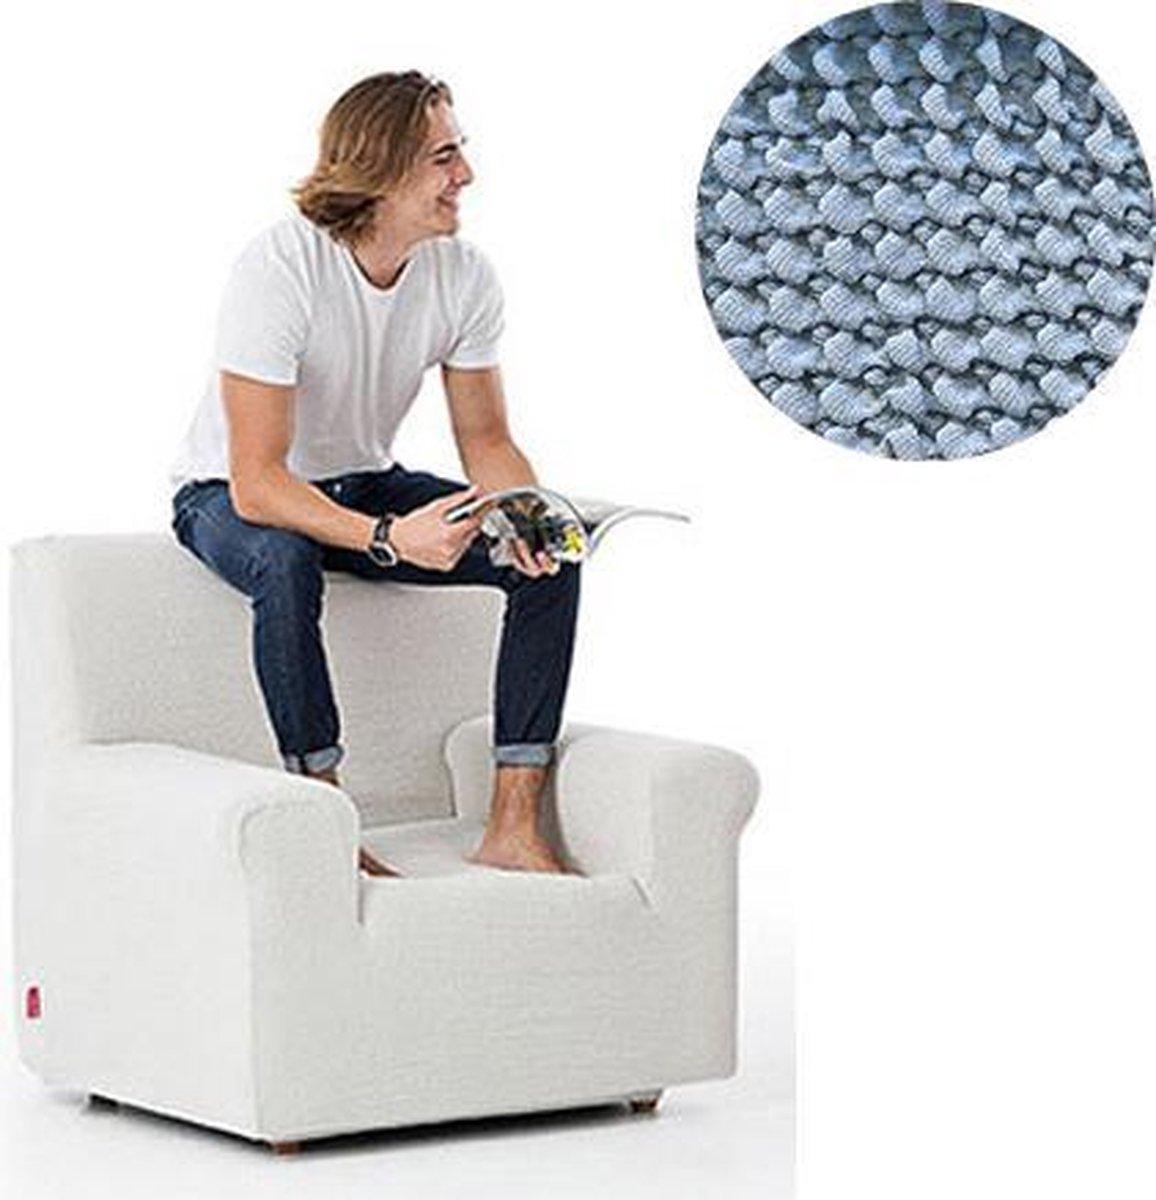 Milos meubelhoezen - Hoes voor fauteuil 70-110cm - Licht blauw - Verkrijgbaar in verschillende kleuren!